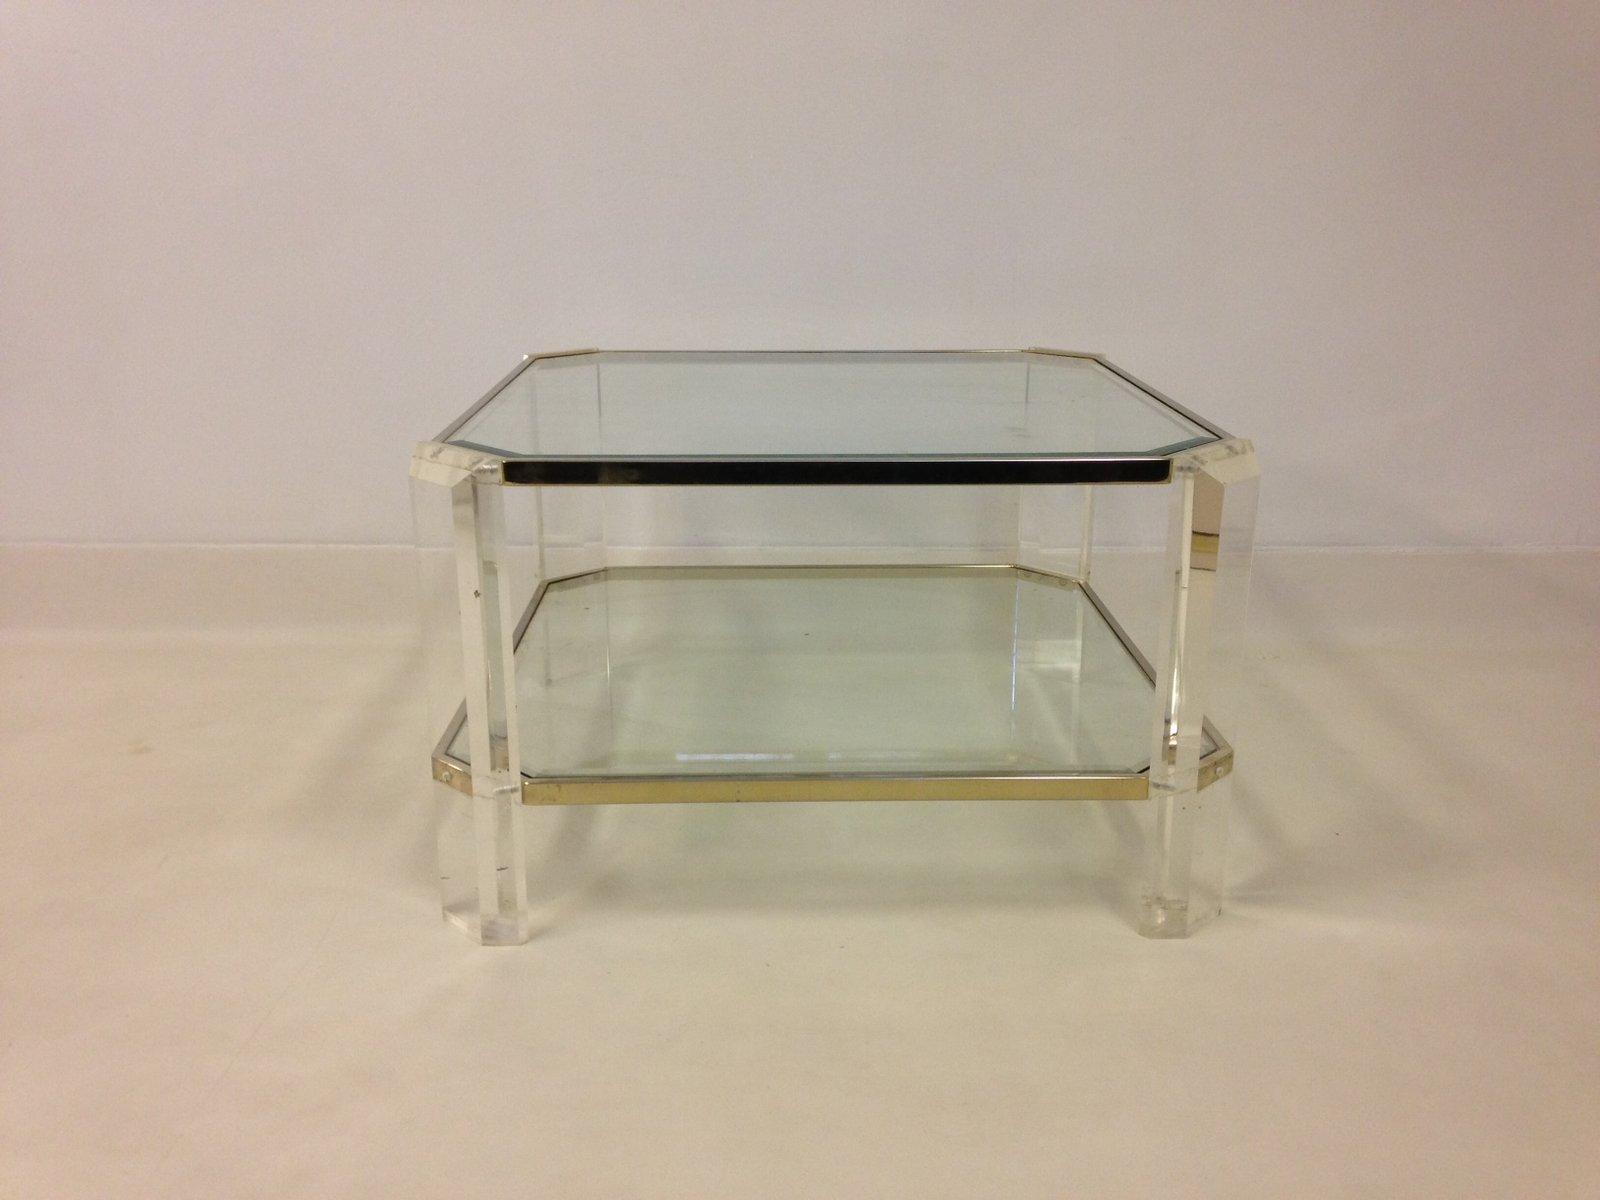 Couchtisch aus plexiglas und gold frankreich 1970er bei for Couchtisch plexiglas